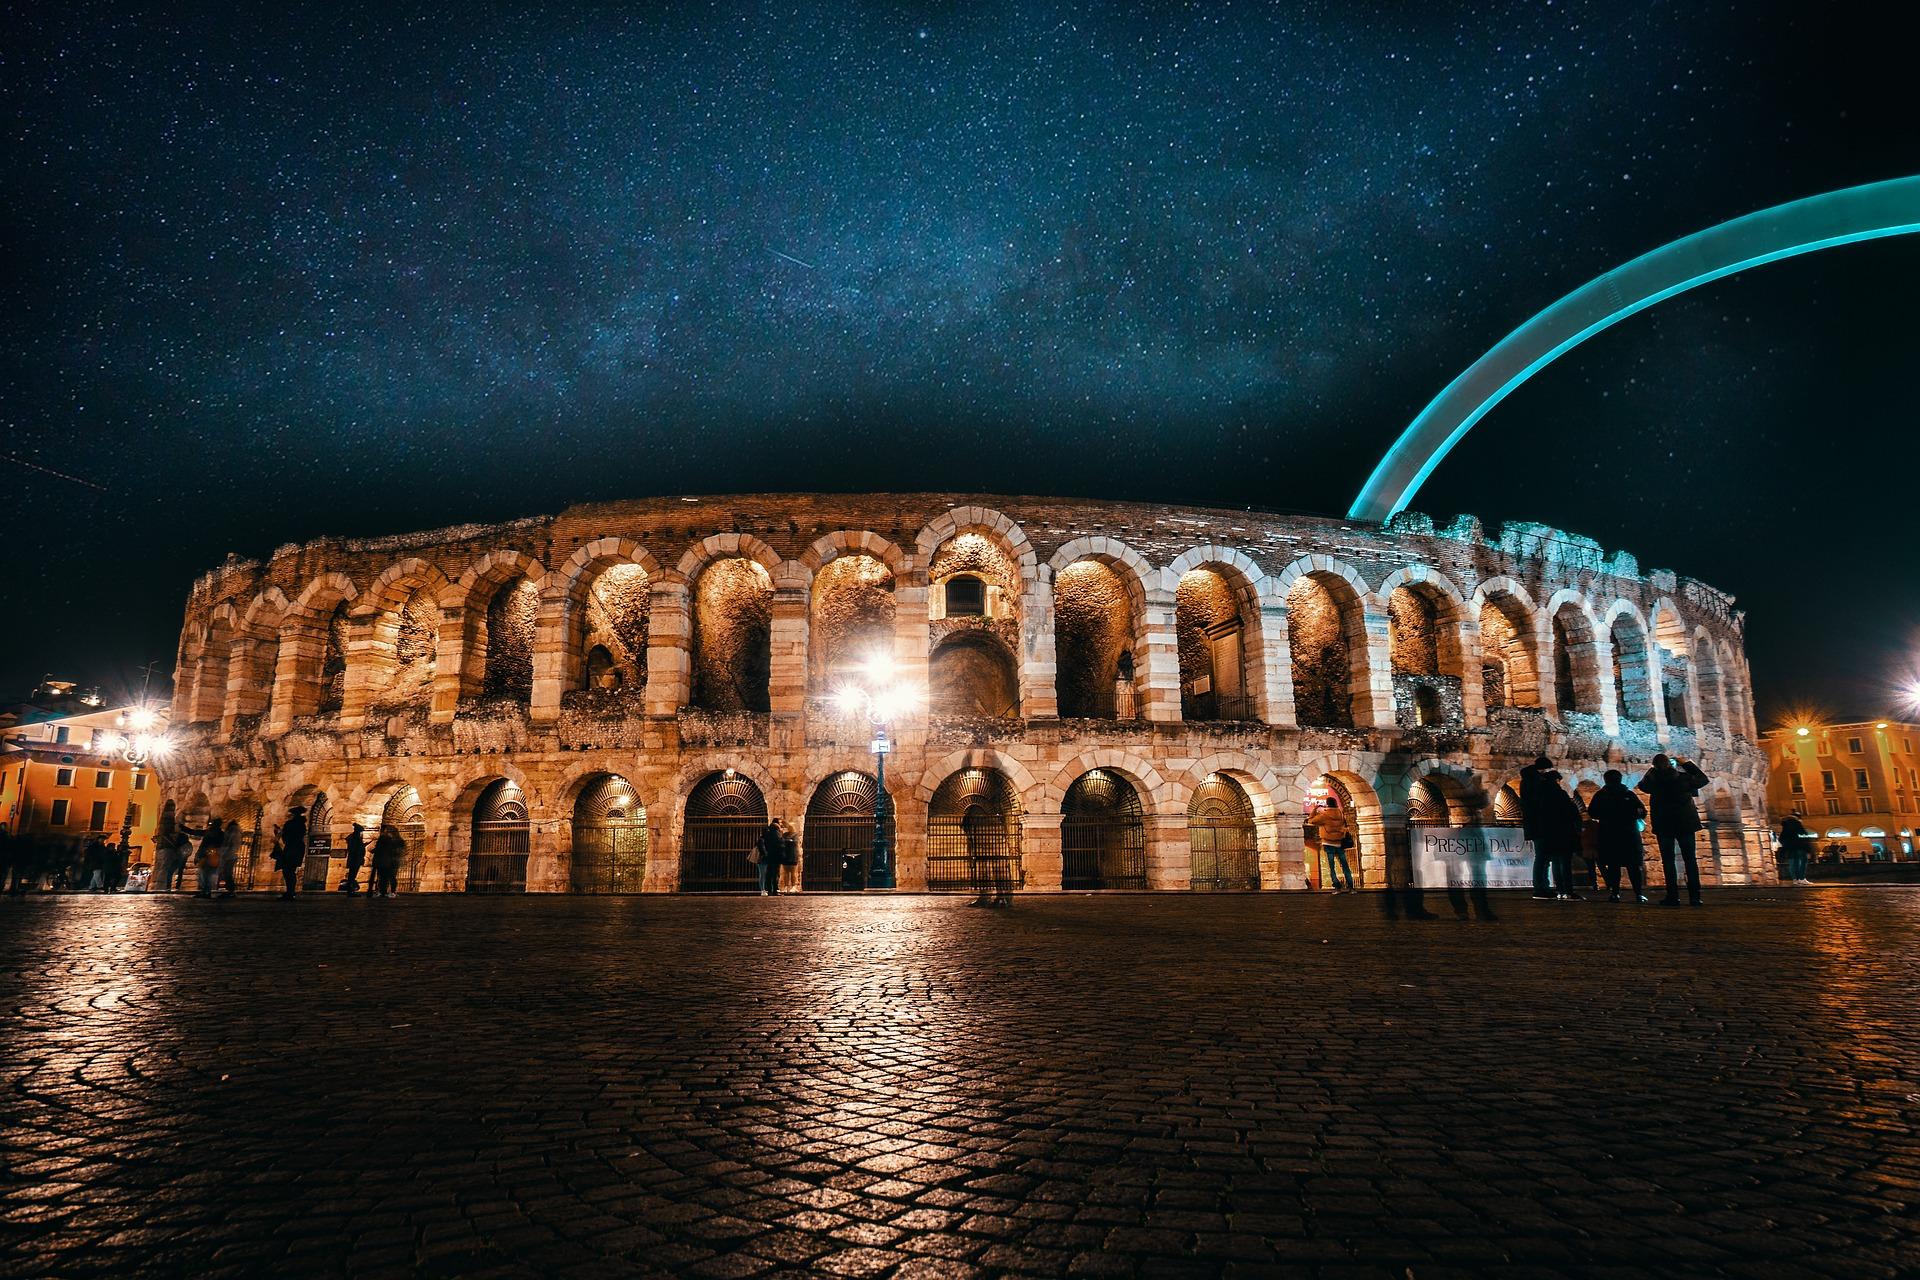 Beleuchtete Arena von Verona in Italien bei Nacht